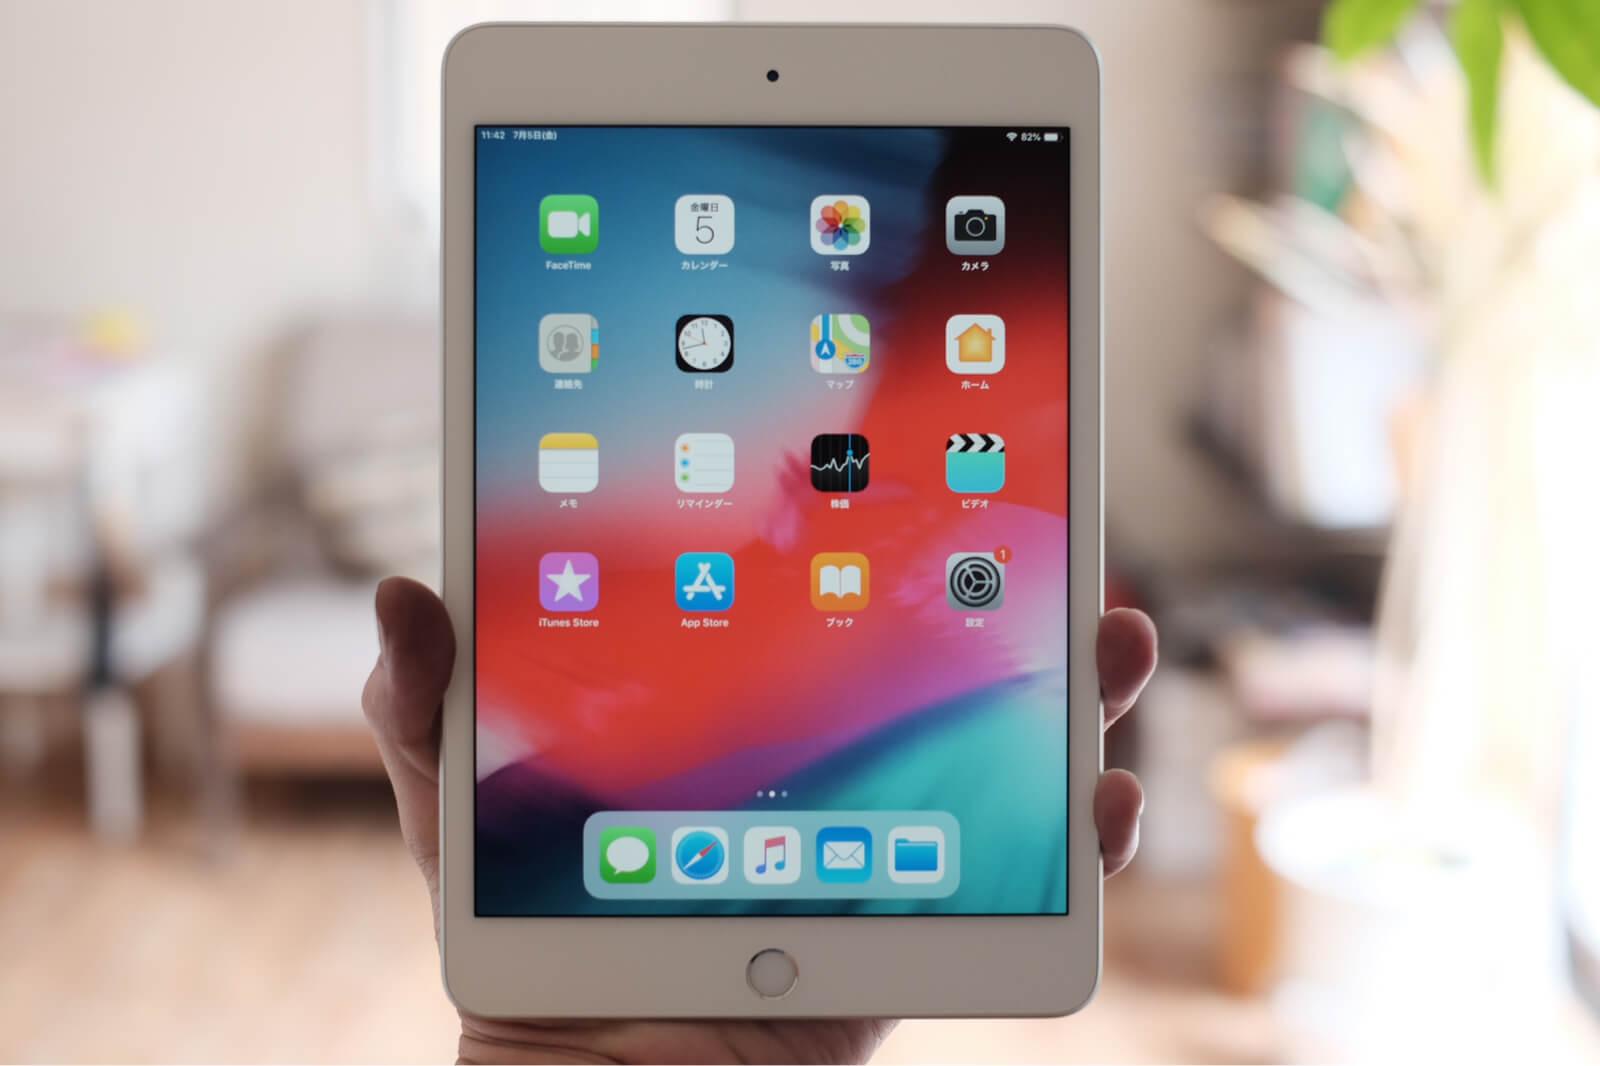 レビュー 小さいは正義 新型ipad Mini 5 2019モデル と旧型apple